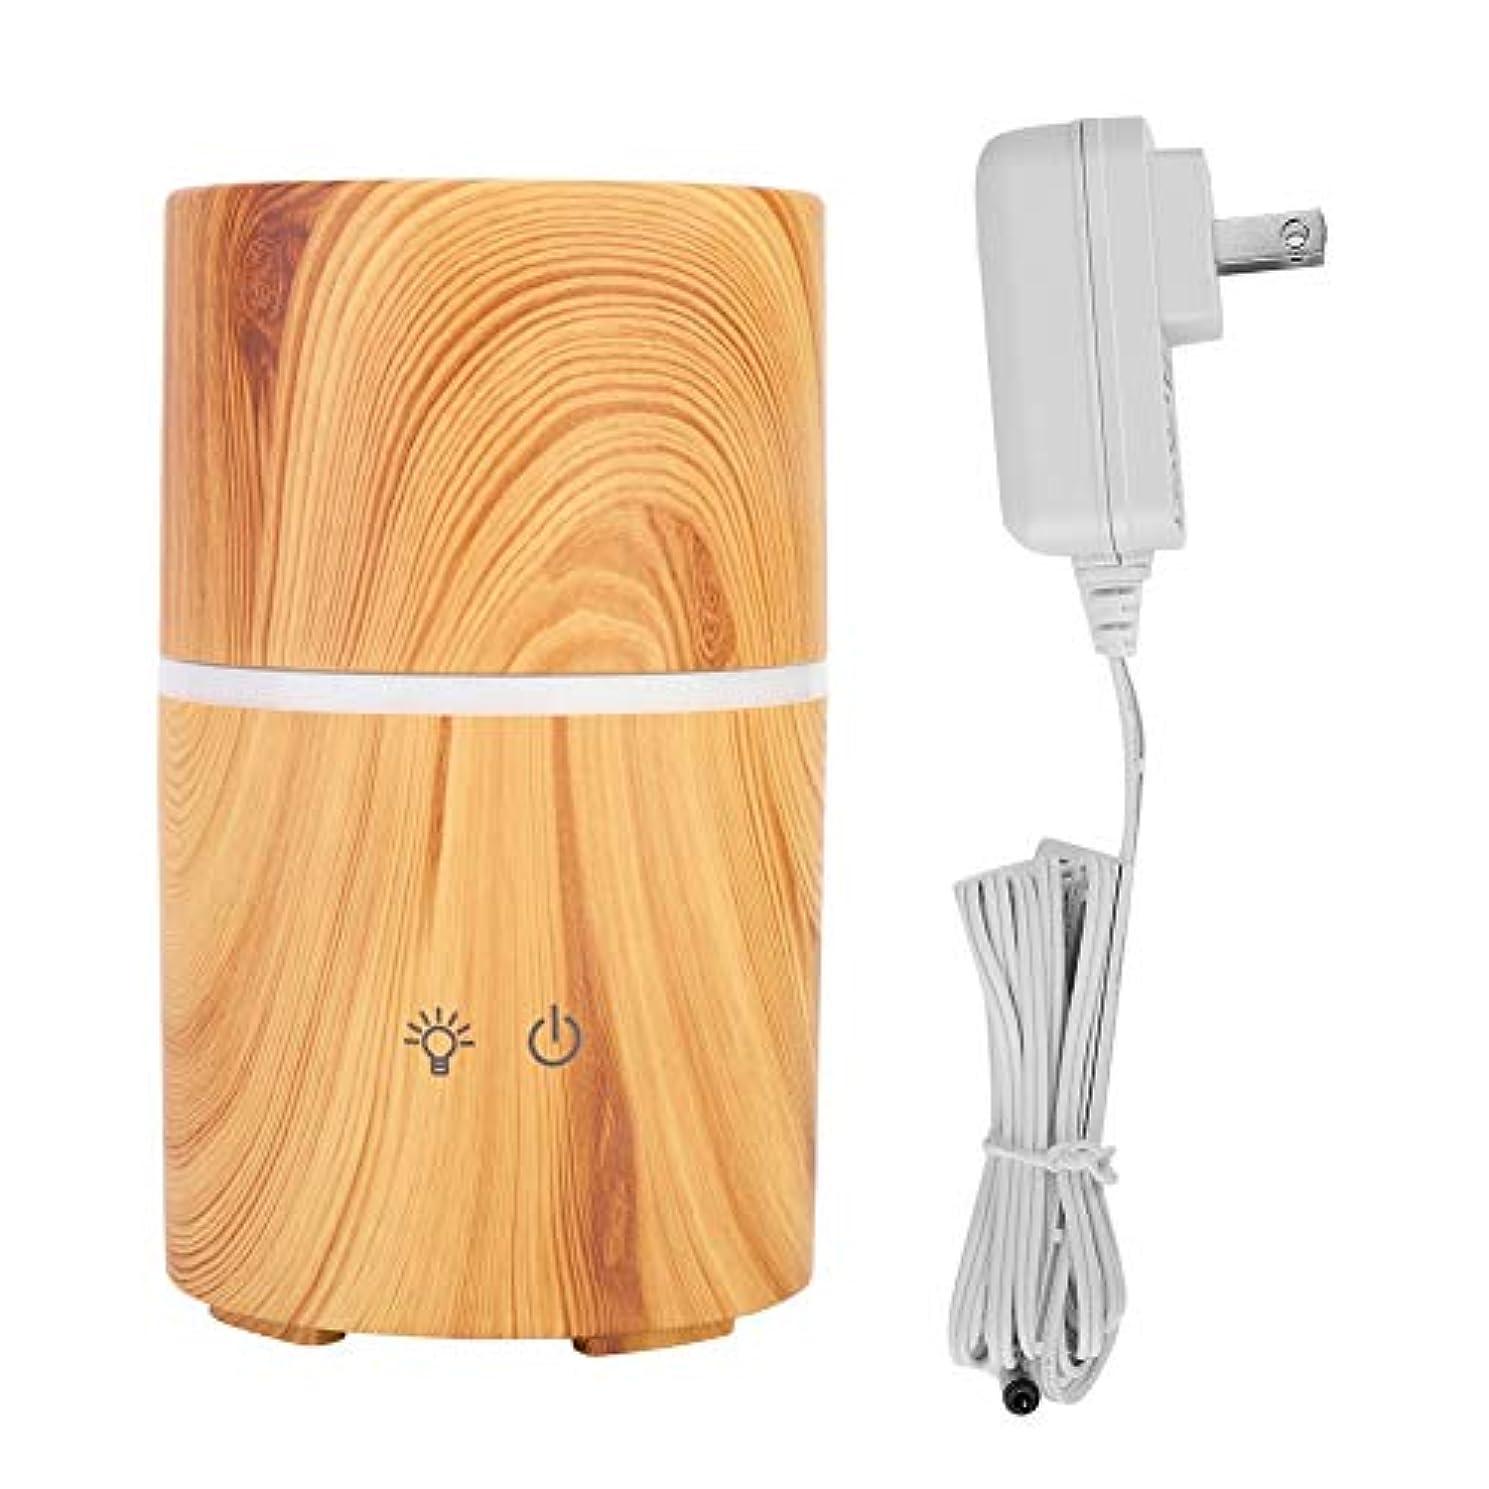 天二層さまようクールミスト加湿器、LEDインテリジェントアロマセラピーディフューザーアロマ加湿器空気加湿器、ホーム/ベッドルーム/ベビールーム/オフィス用エッセンシャルオイル加湿器(US Plug-100-240V)